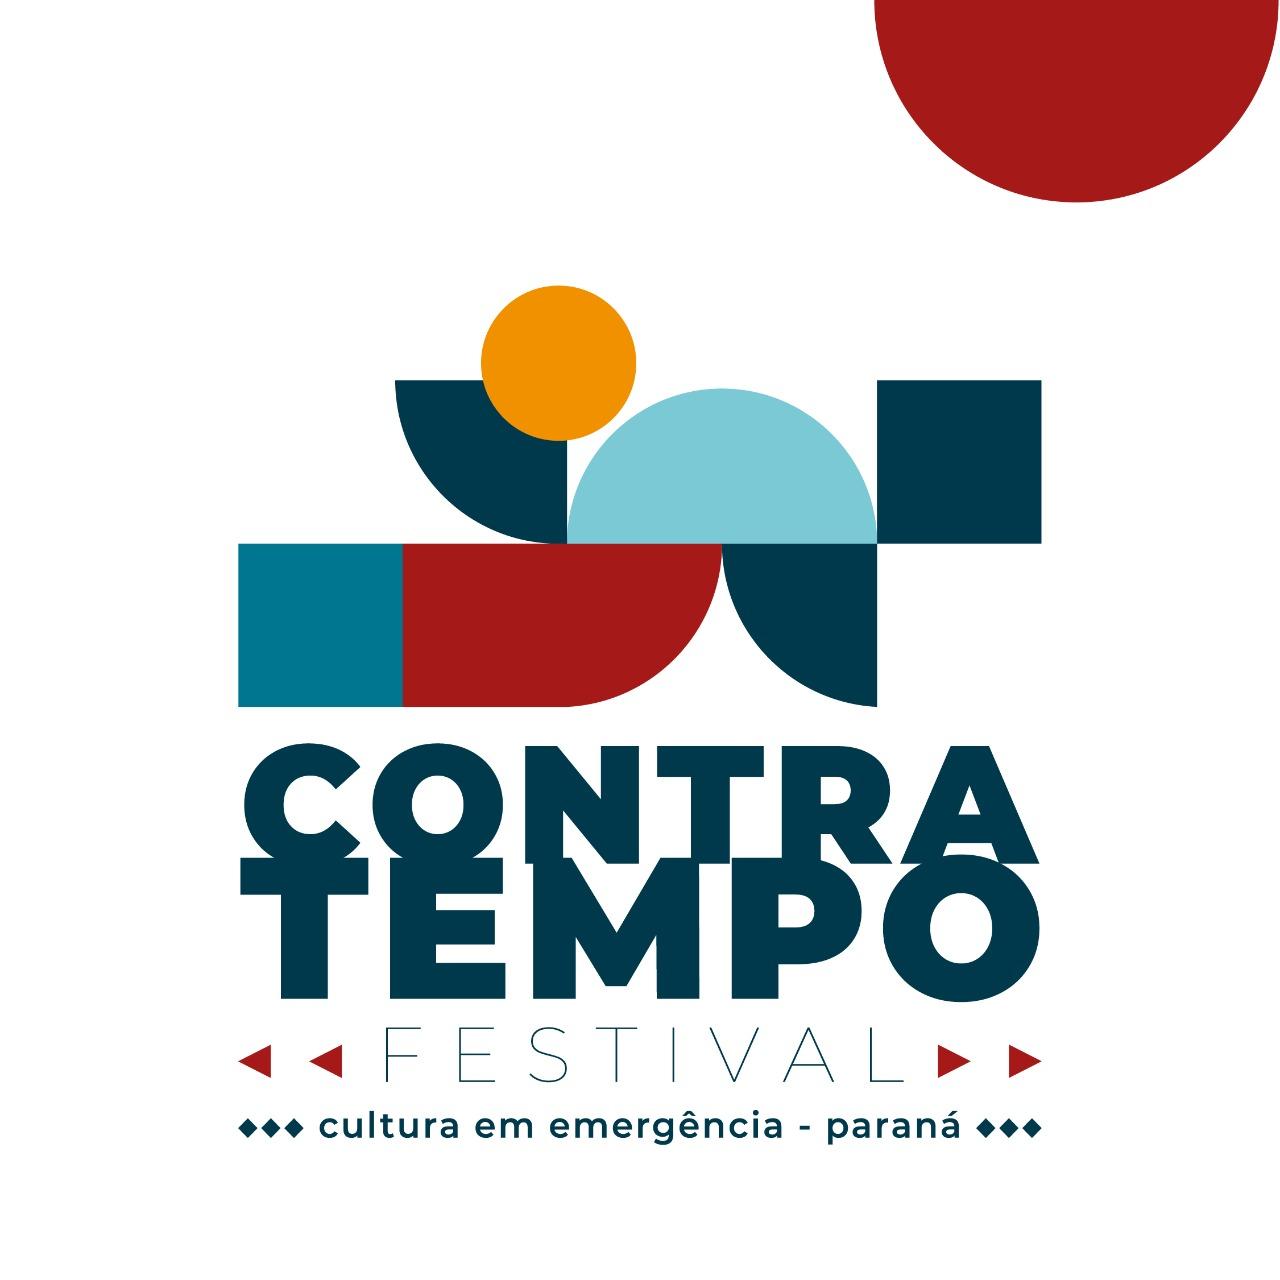 Contratempo Festival!